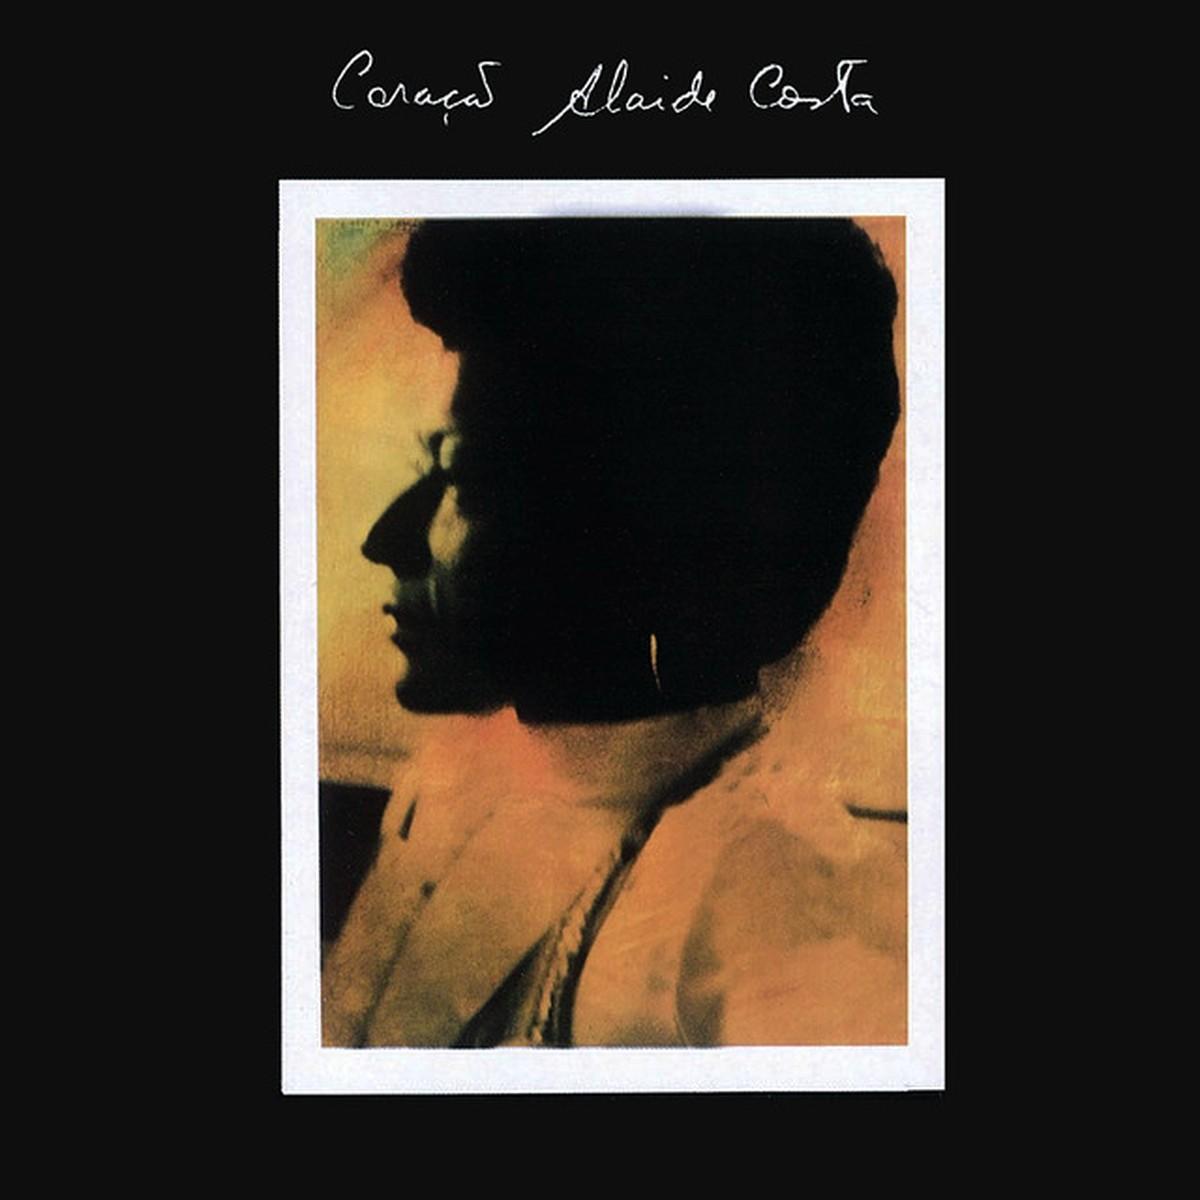 Discos para descobrir em casa – 'Coração', Alaíde Costa, 1976   Blog do Mauro Ferreira